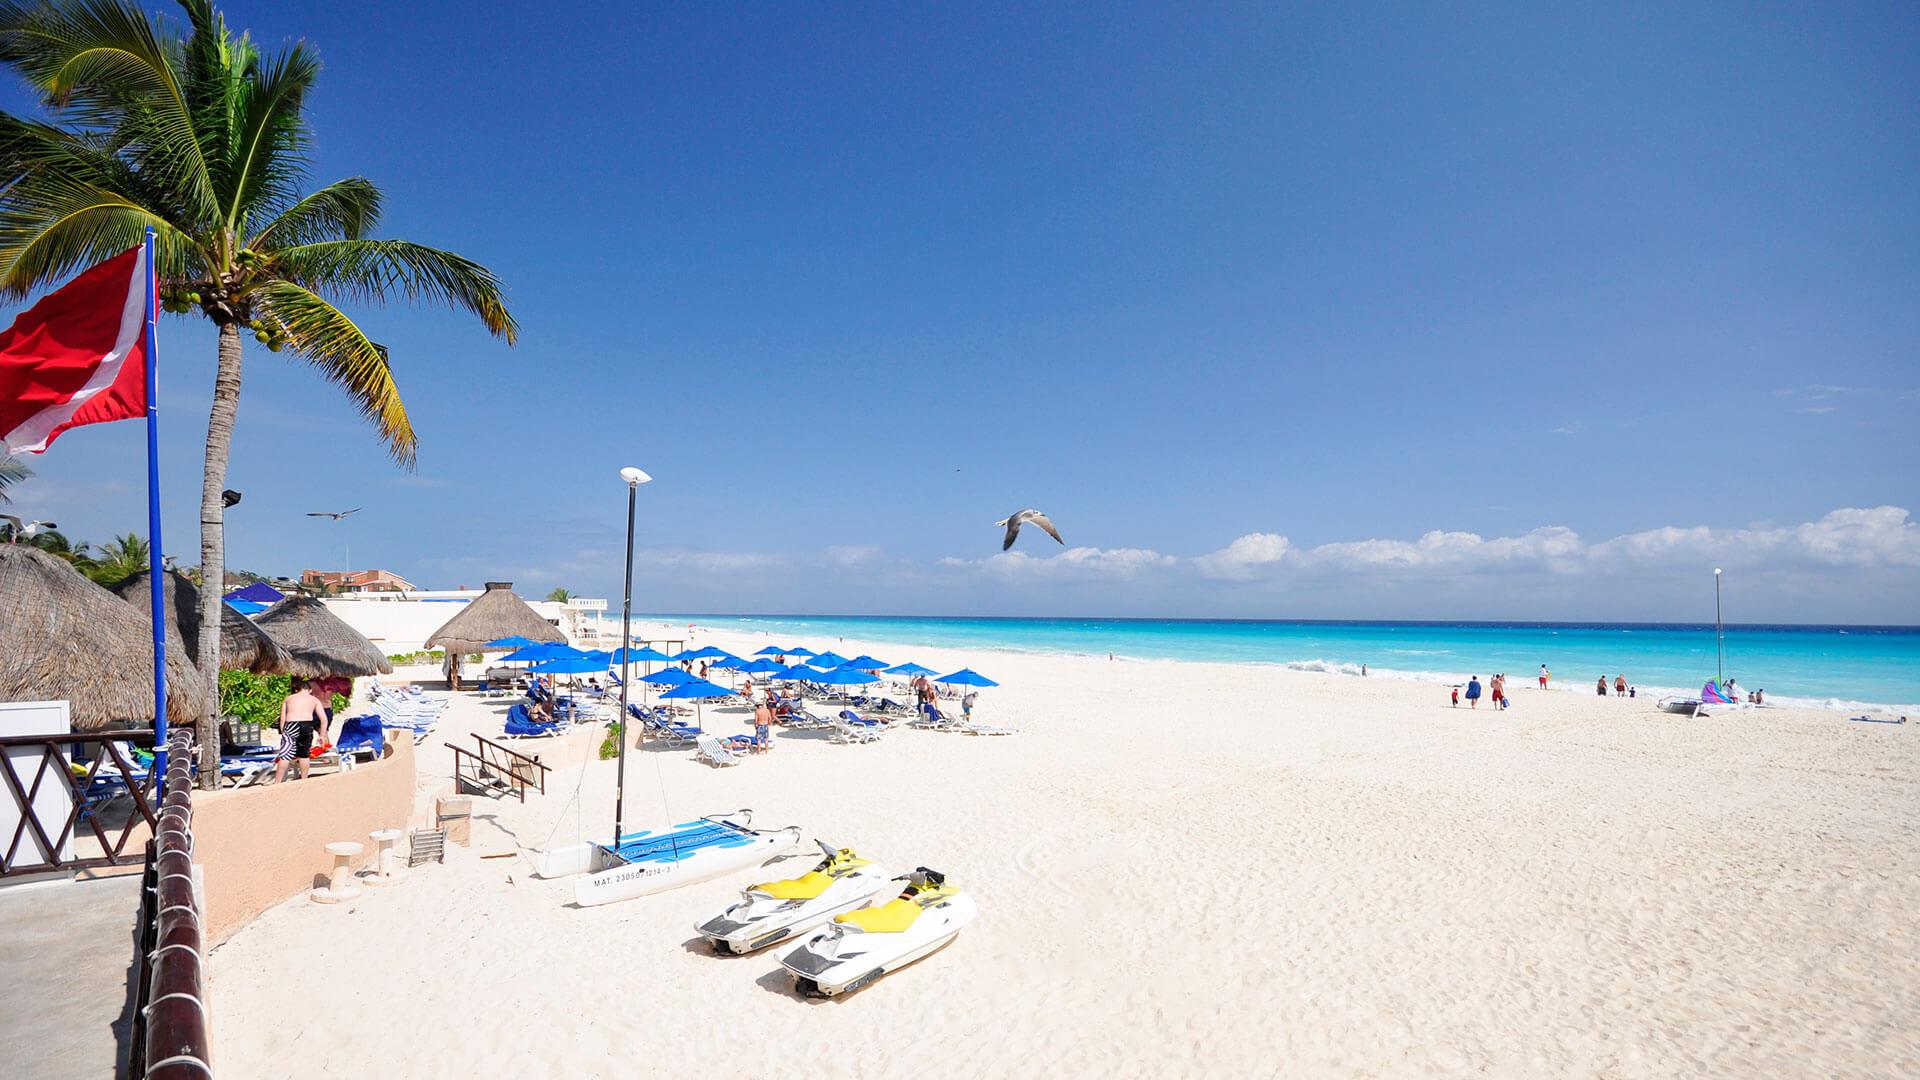 The Reef Playacar, Cancún, Mexikó - OTP Travel utazási iroda